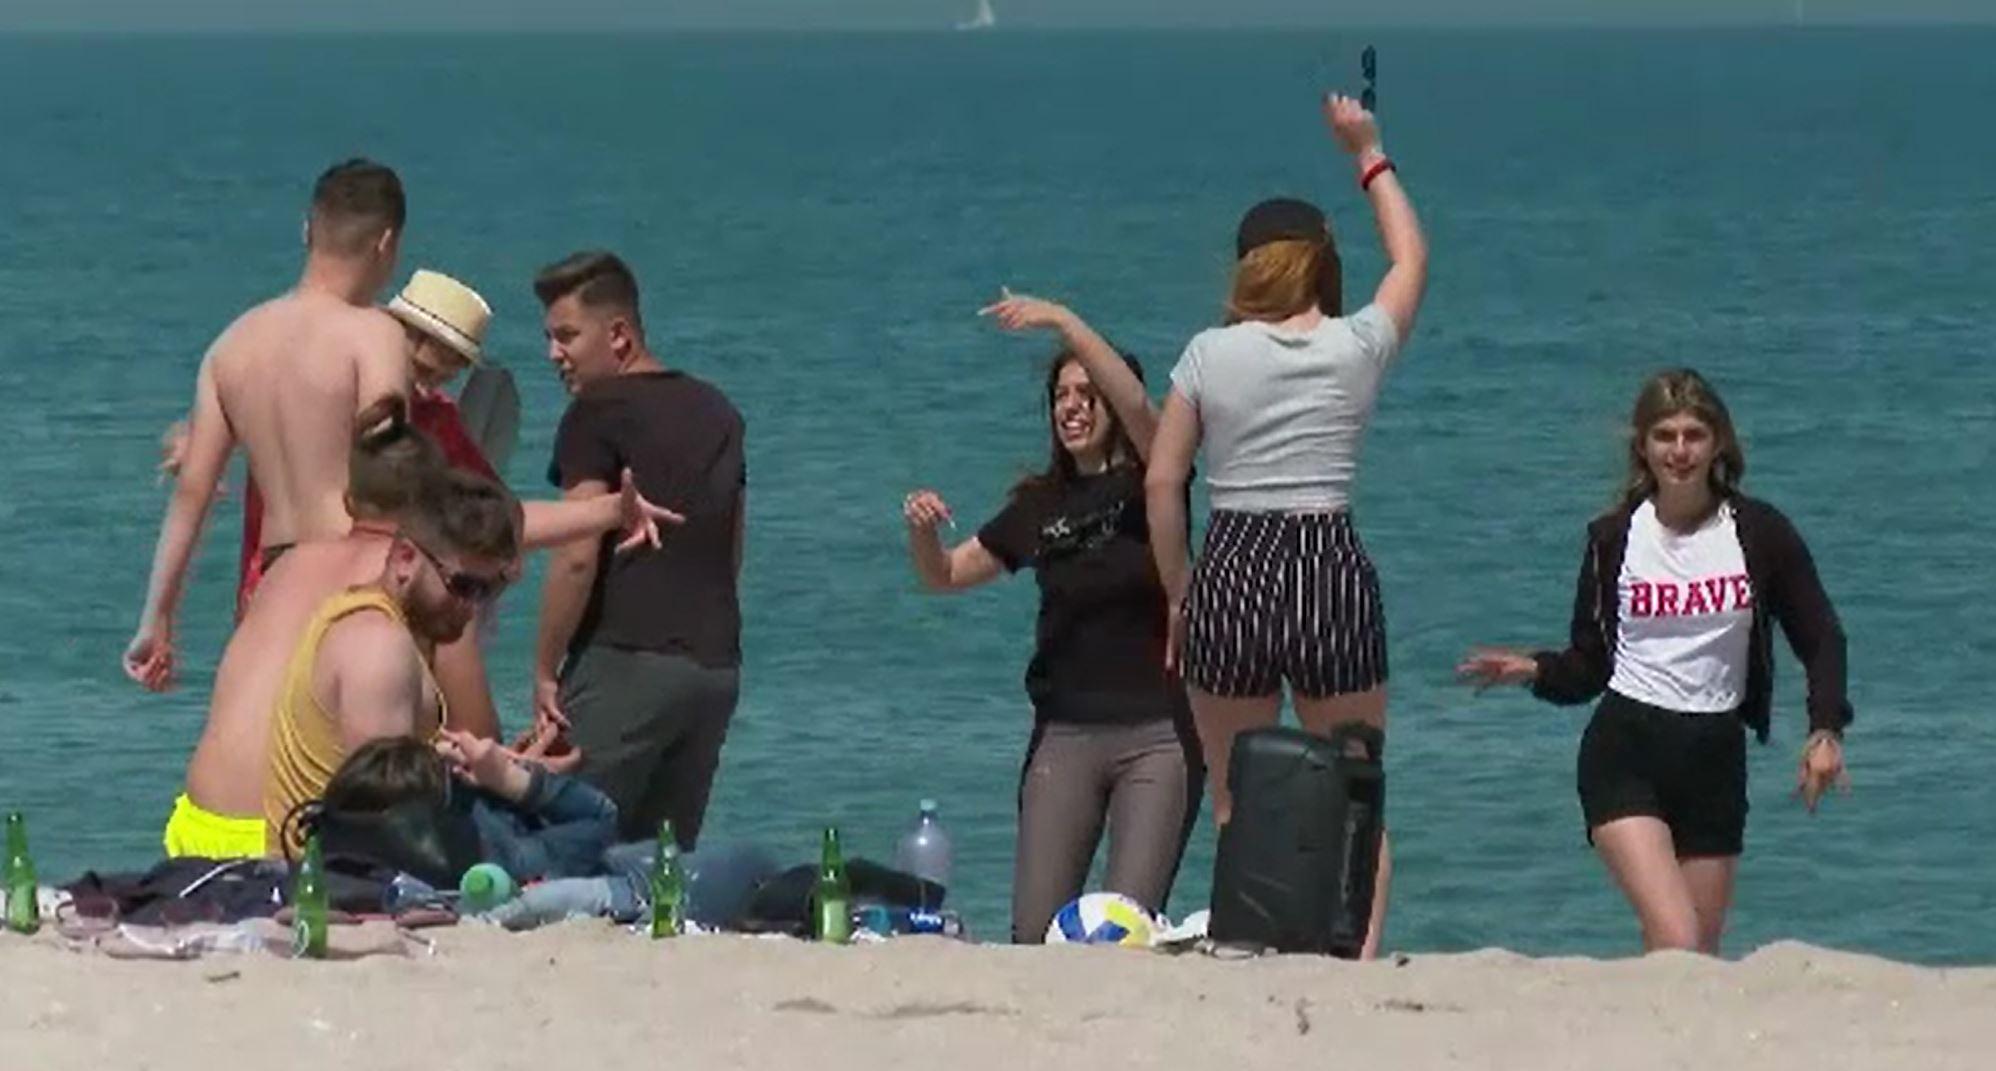 Vama Veche, la mare căutare printre români, în primul weekend cu mai puține restricții